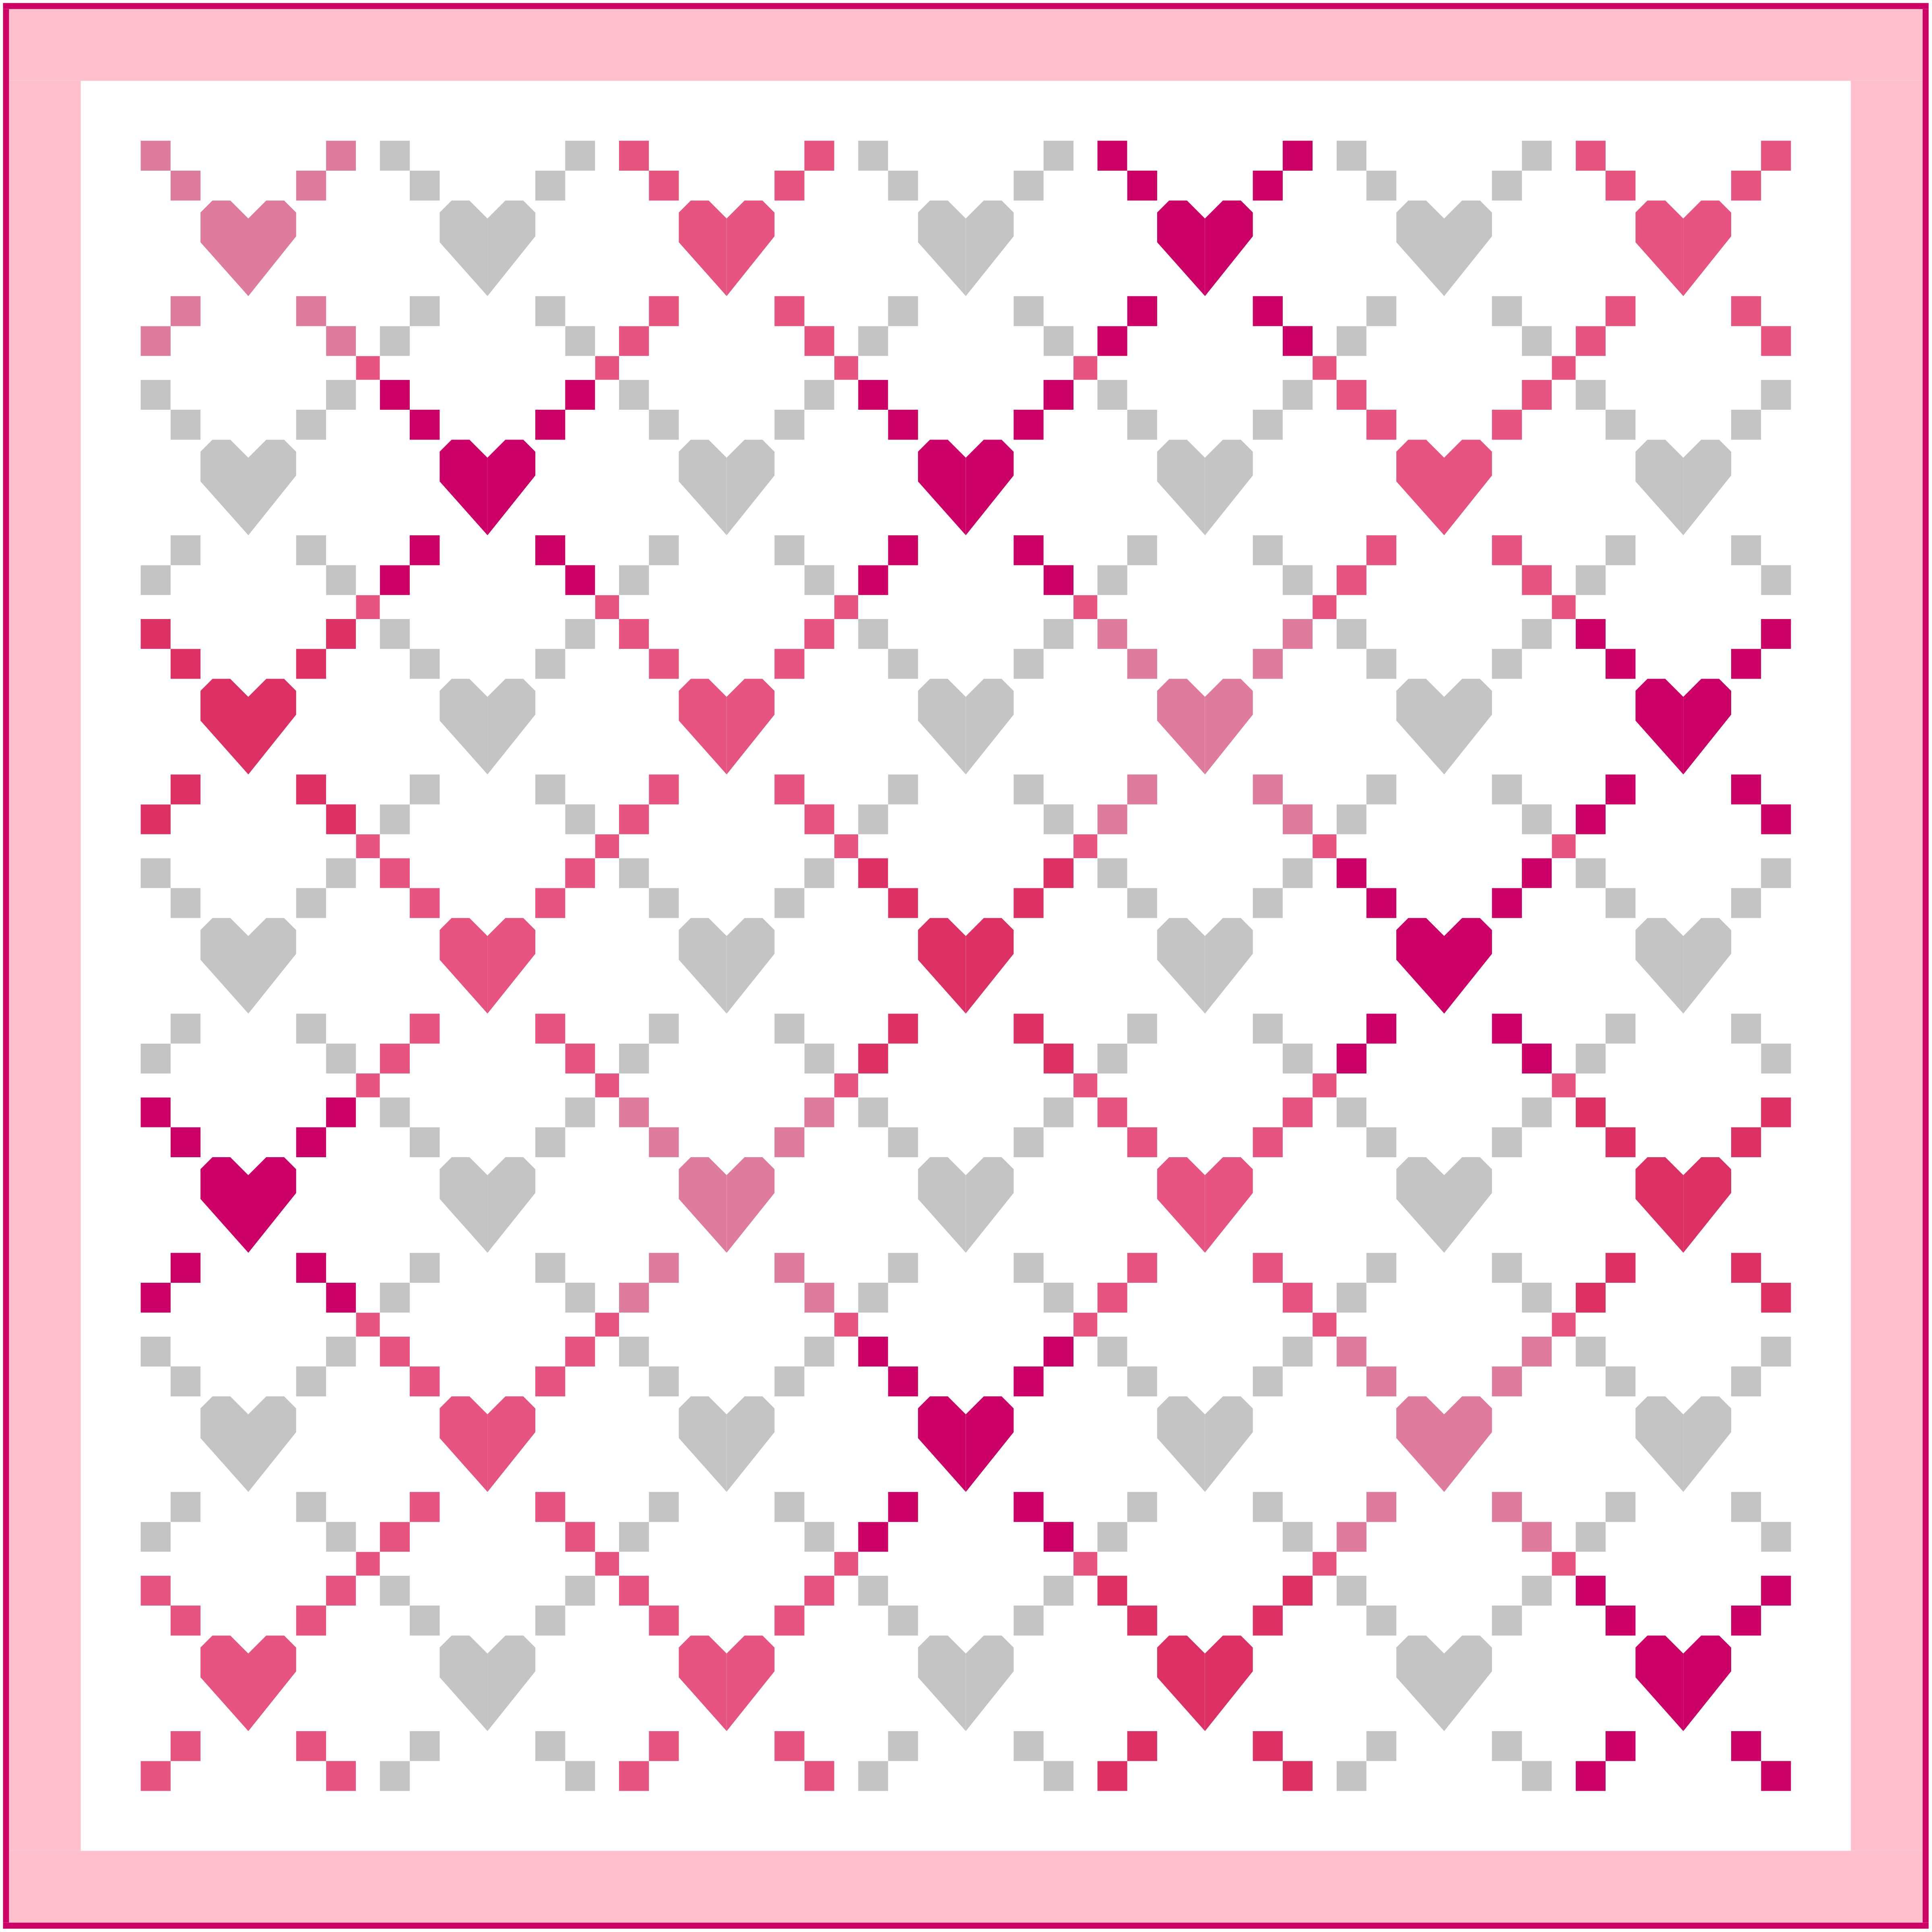 Heart Quilt5